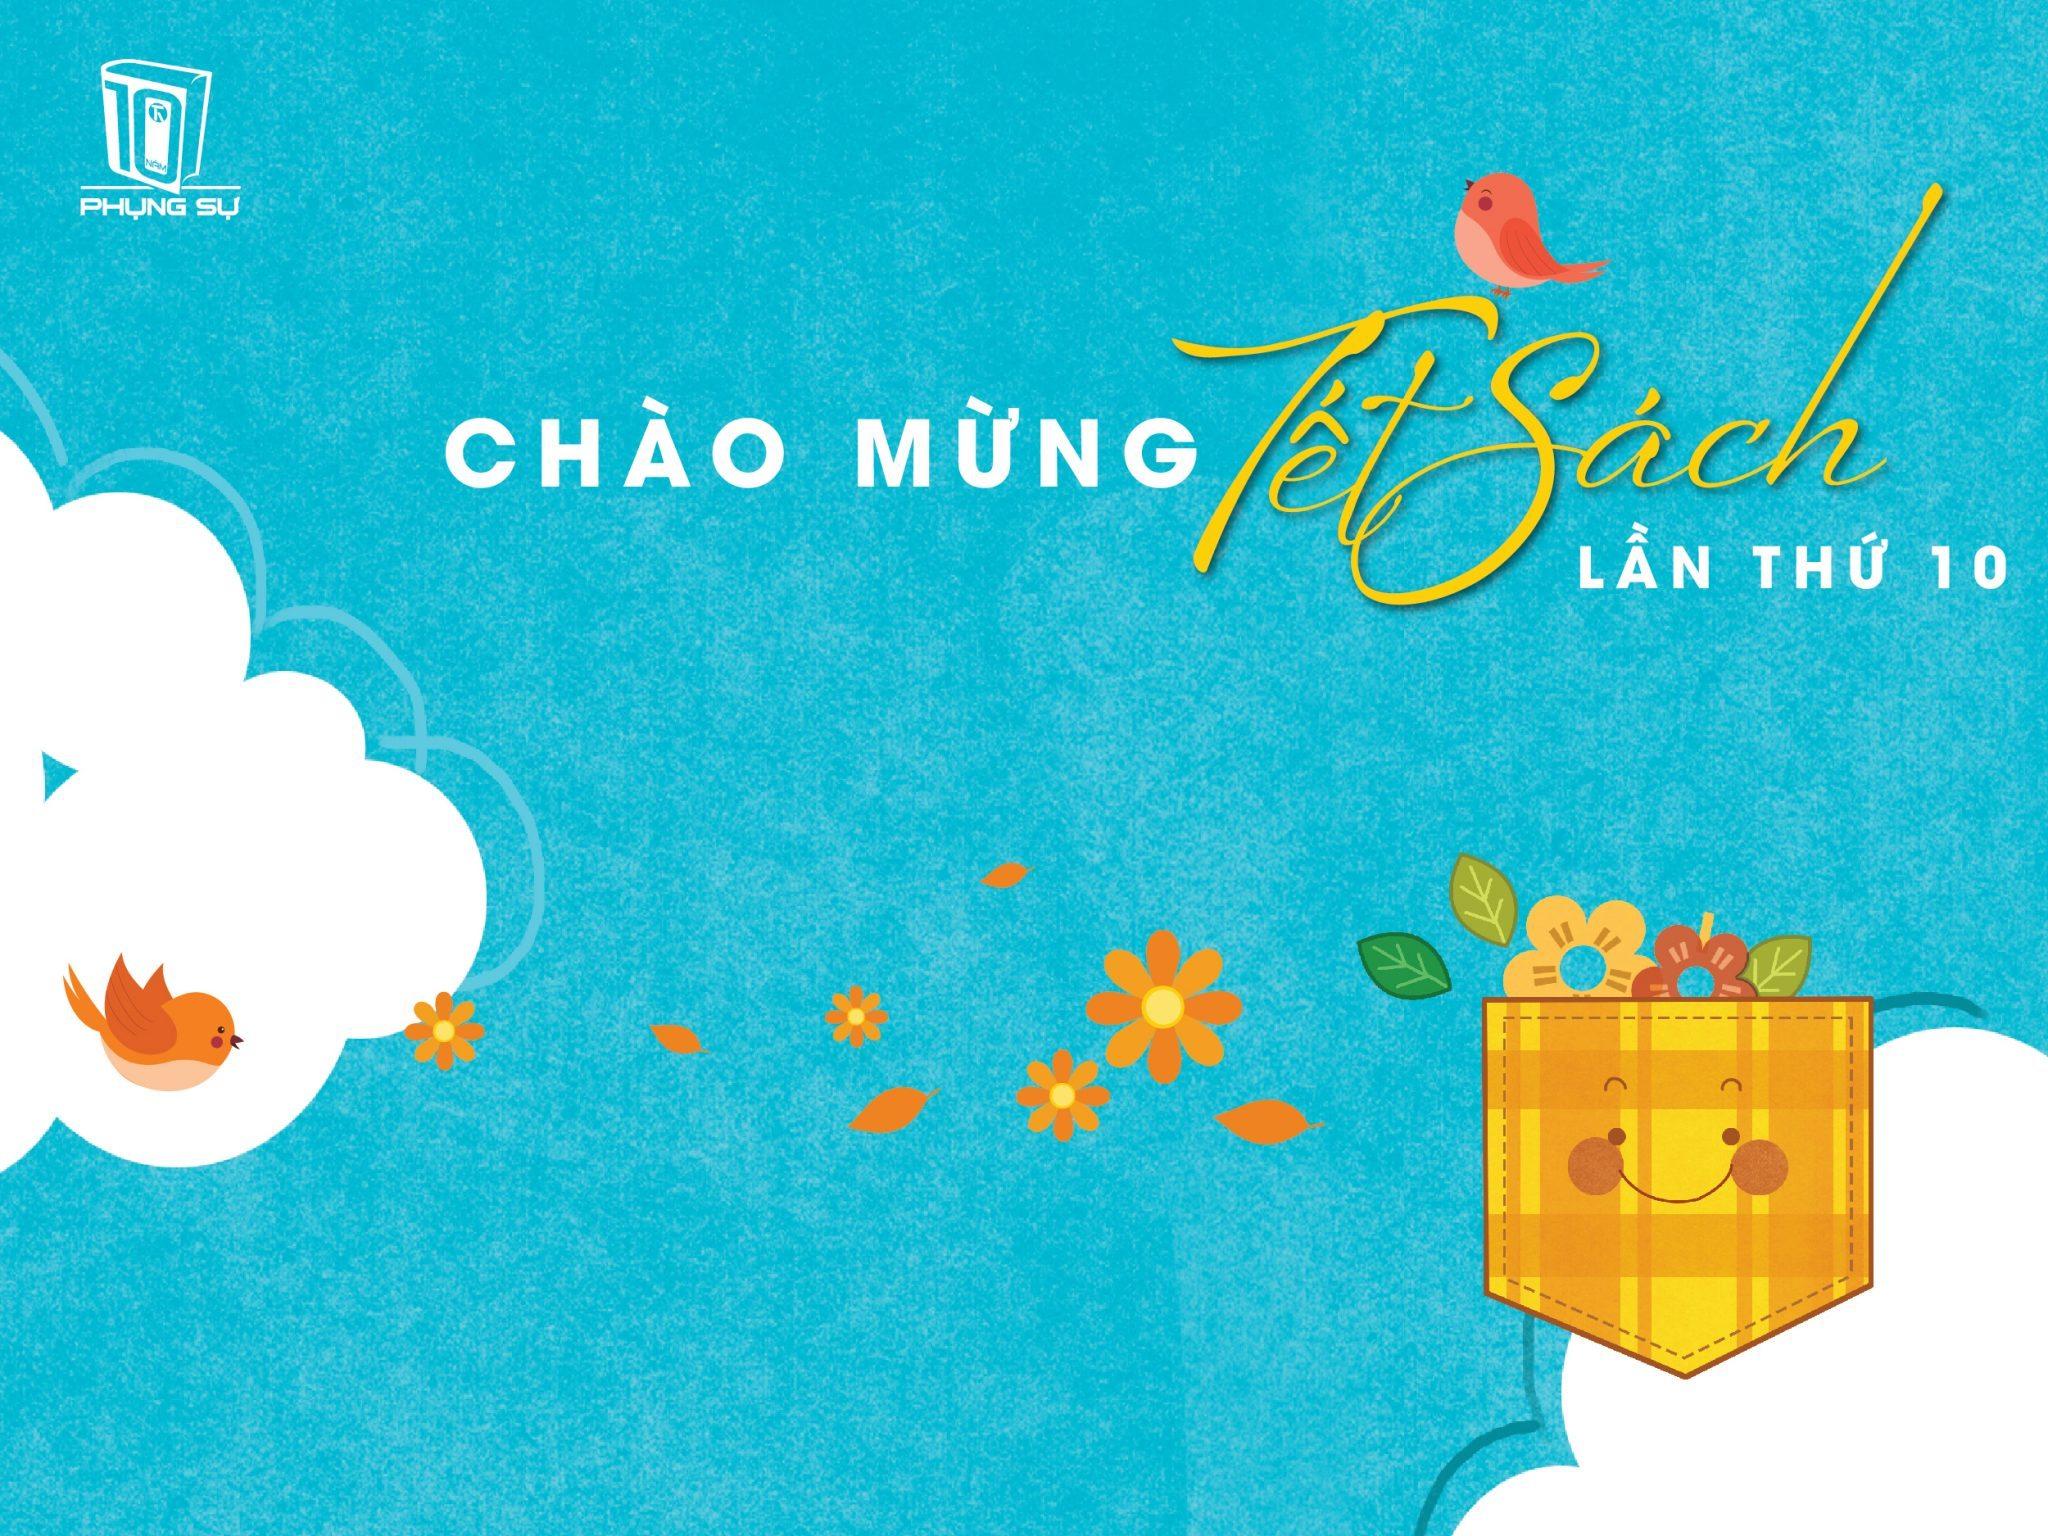 Chuỗi hoạt động tri ân bạn đọc của Thaihabooks trong Tết sách lần thứ 10